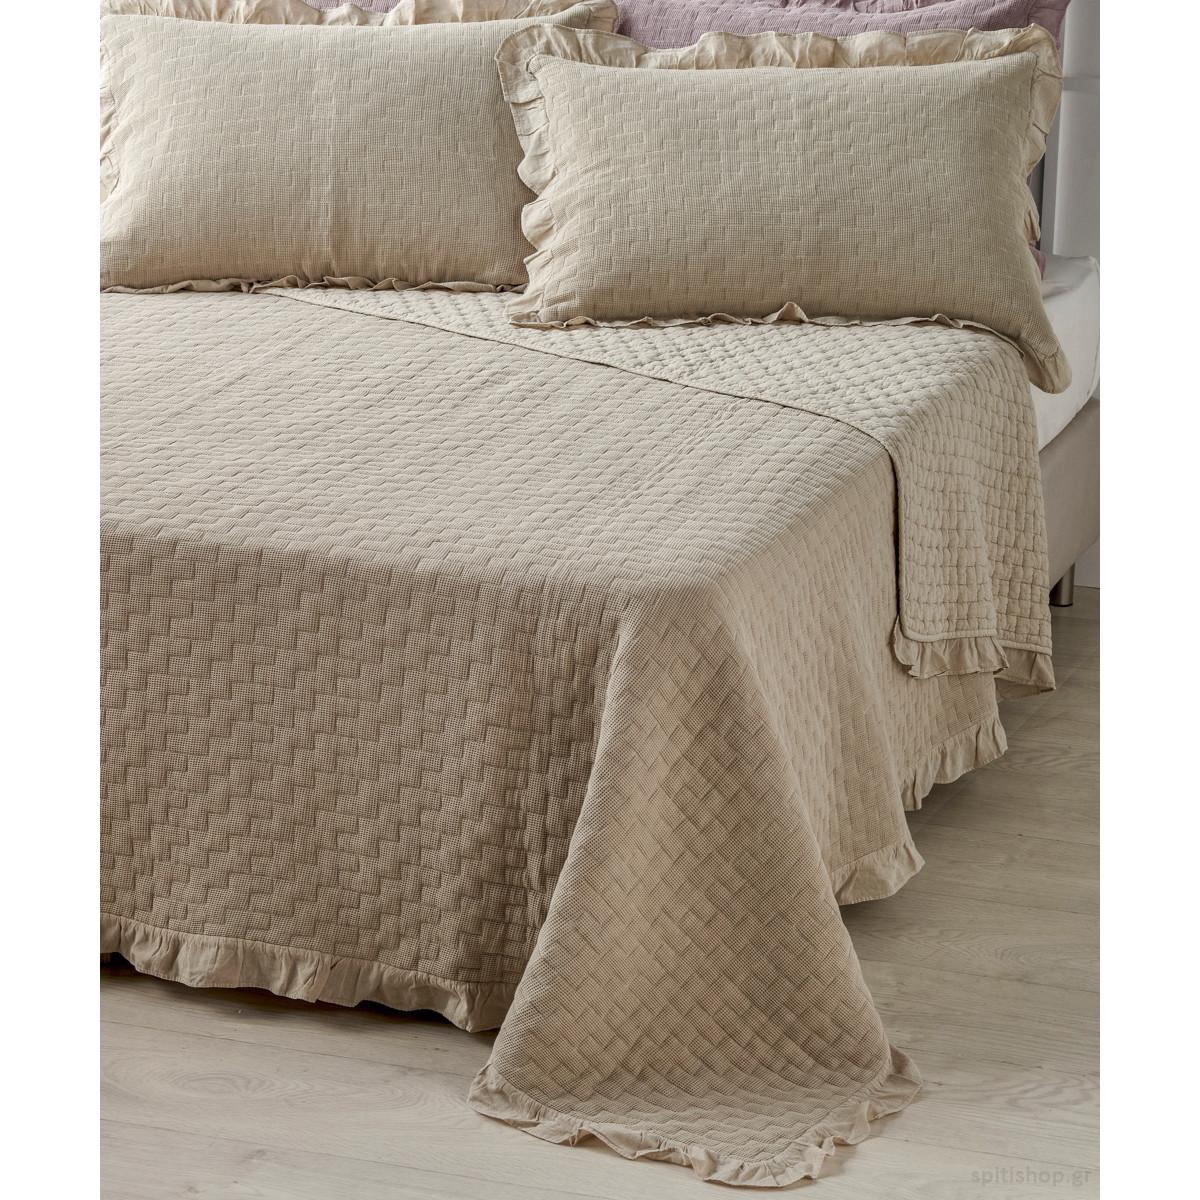 Κουβερτόριο Υπέρδιπλο 2 Όψεων Kentia Stylish Amalfi 26 home   κρεβατοκάμαρα   κουβέρτες   κουβέρτες καλοκαιρινές υπέρδιπλες